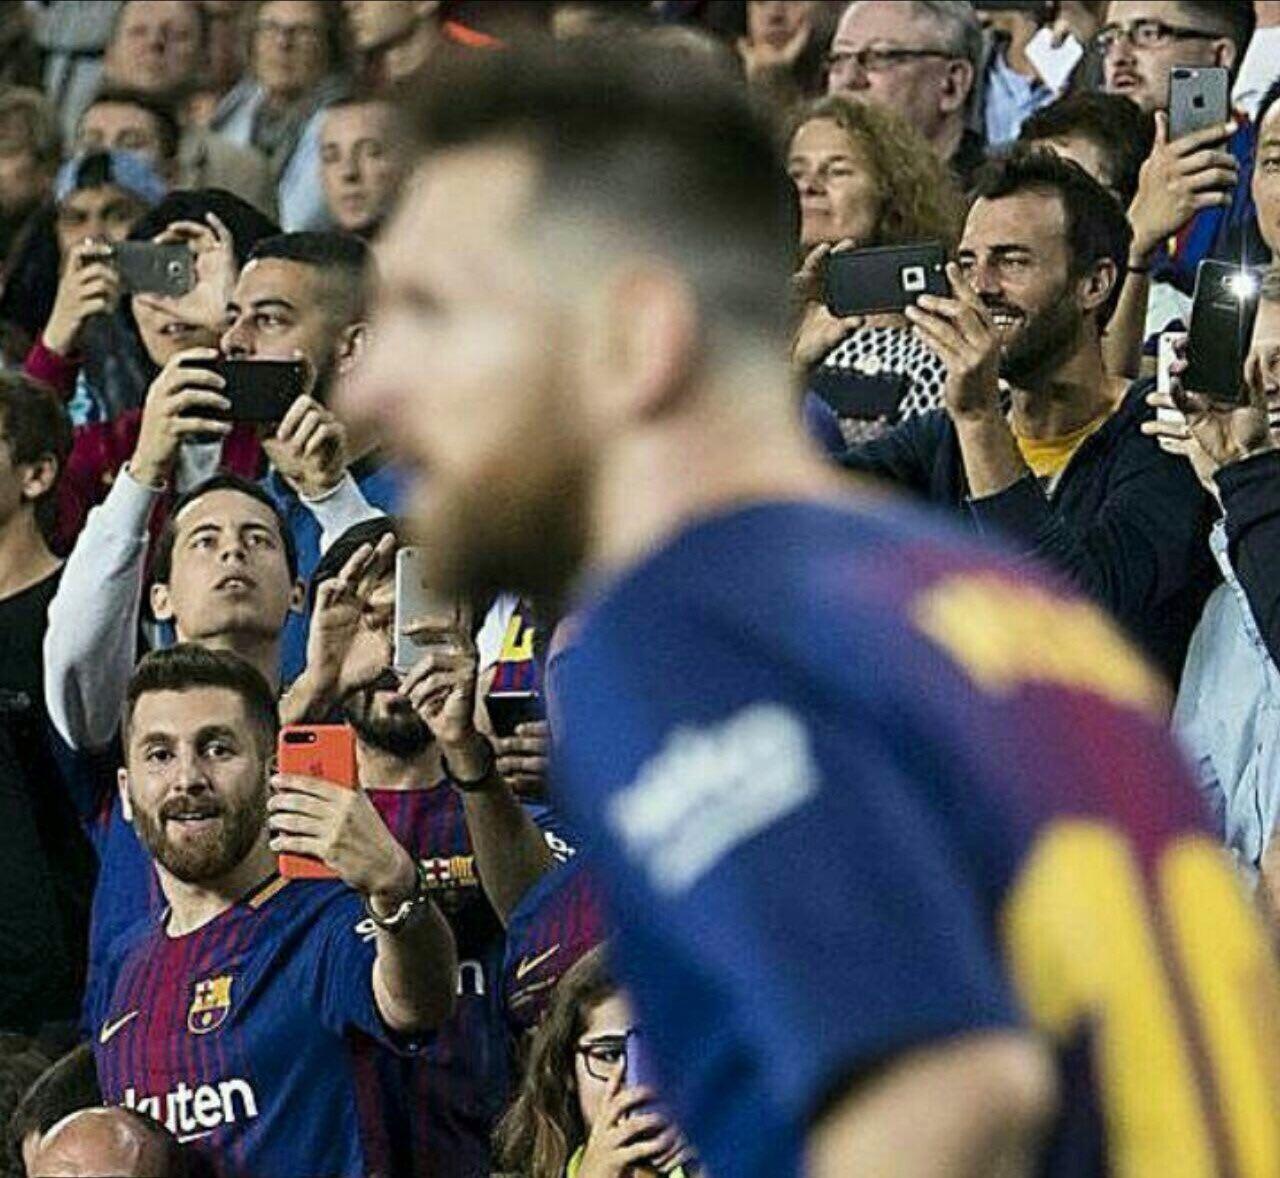 بدل ایرانی مسی در بازی دیشب بارسلونا جنجال ساز شد! + عکس